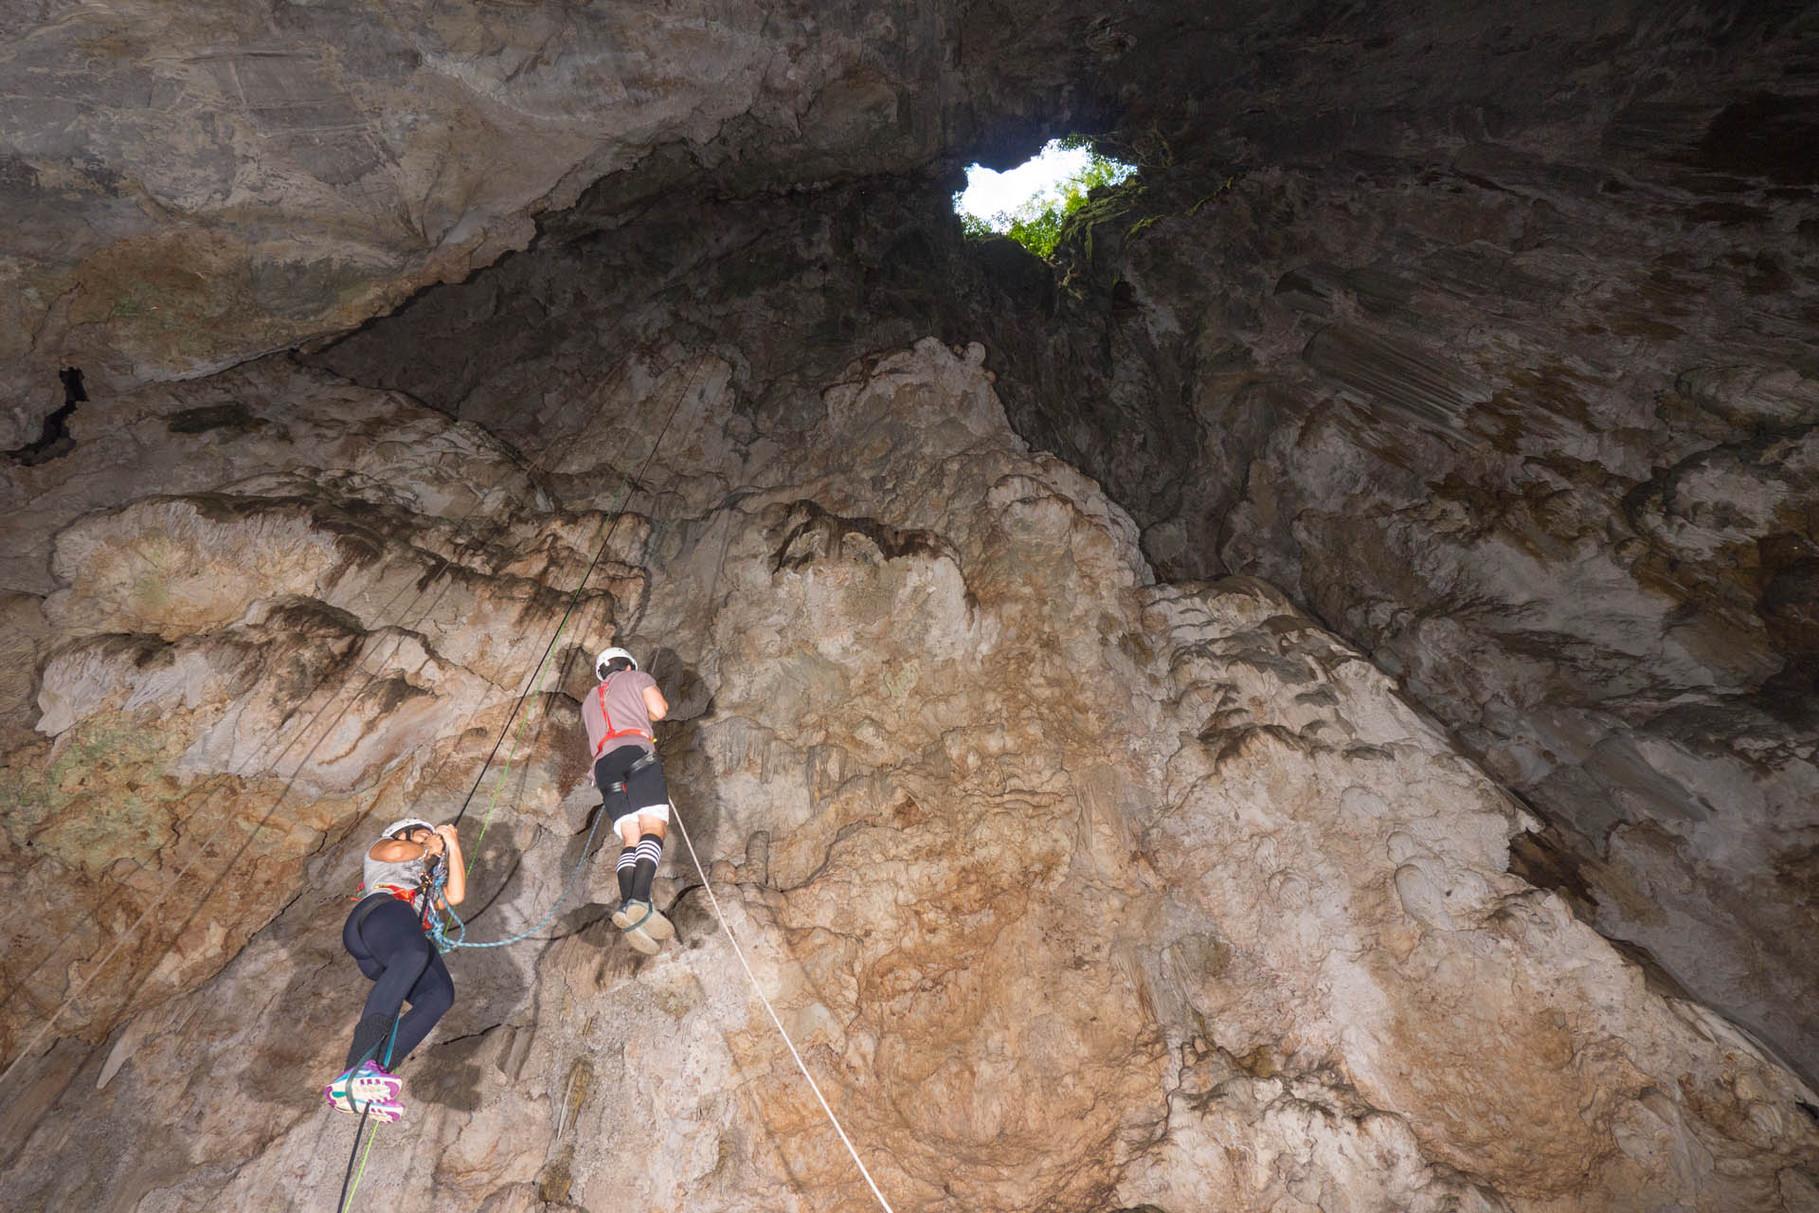 72m abseiling into Abismo Anhumas, Bonito